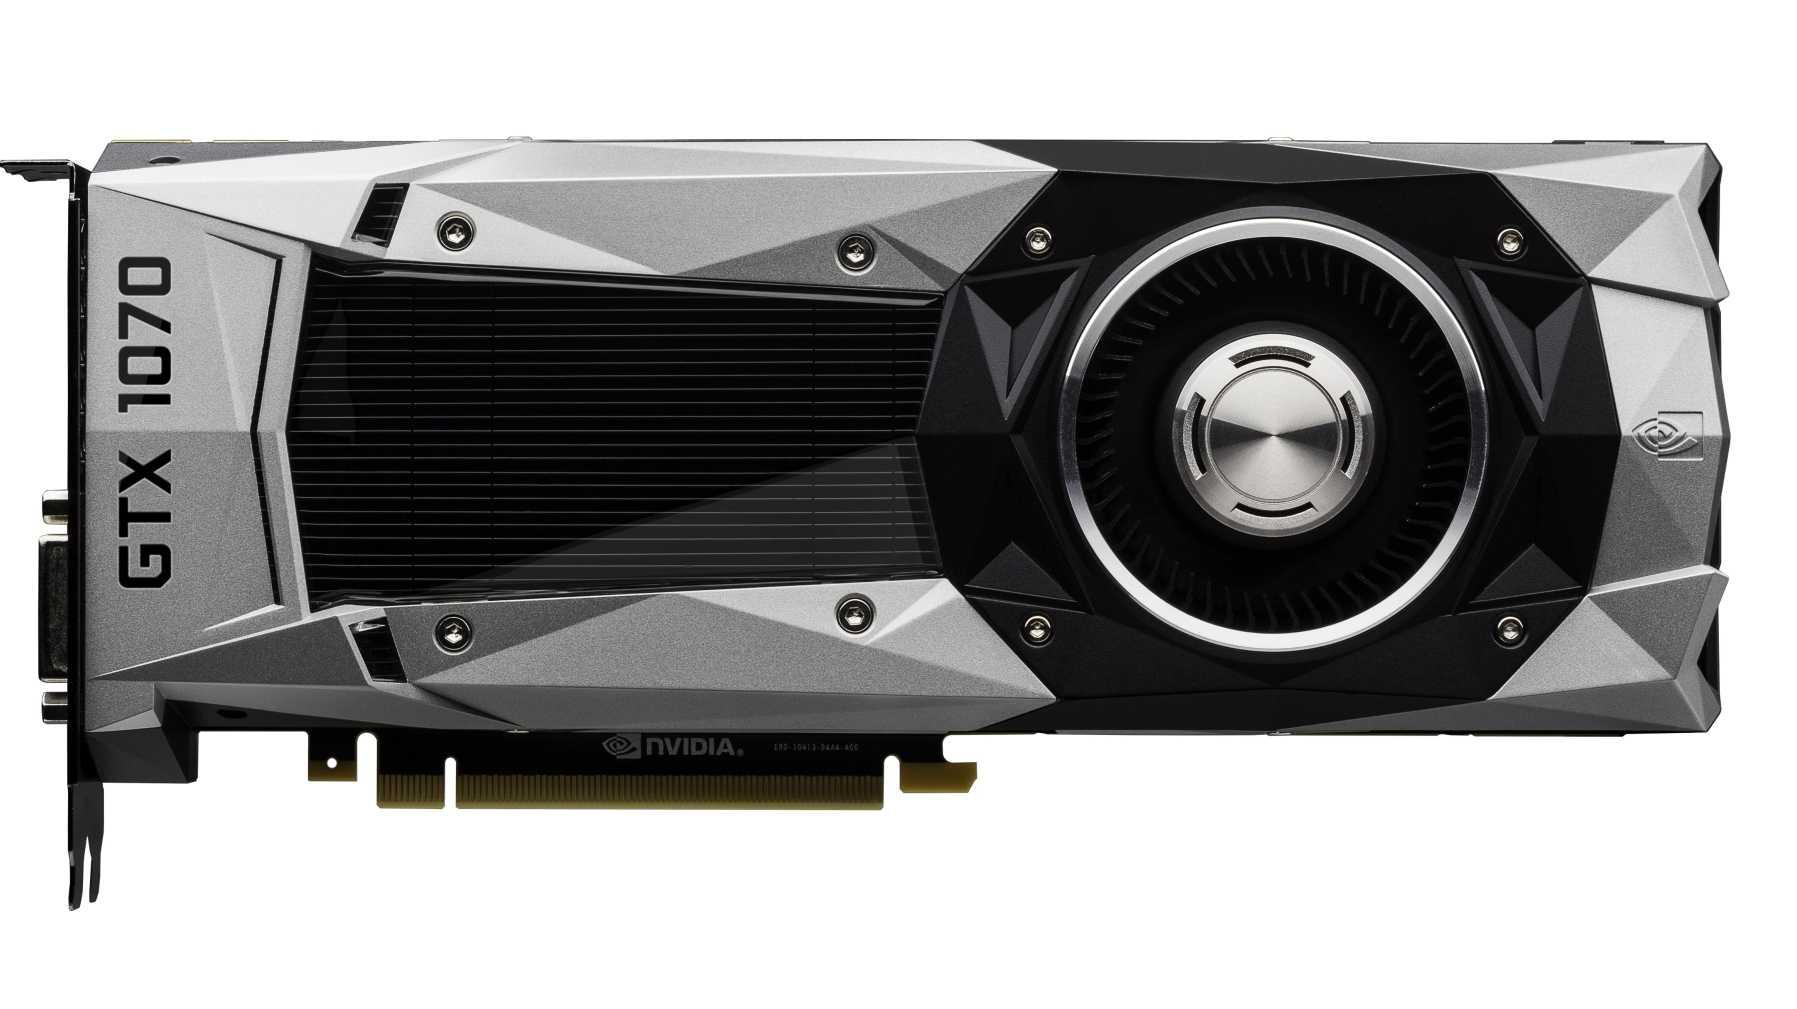 GeForce GTX 1070: Schnell, teuer und mit Hardware-DRM